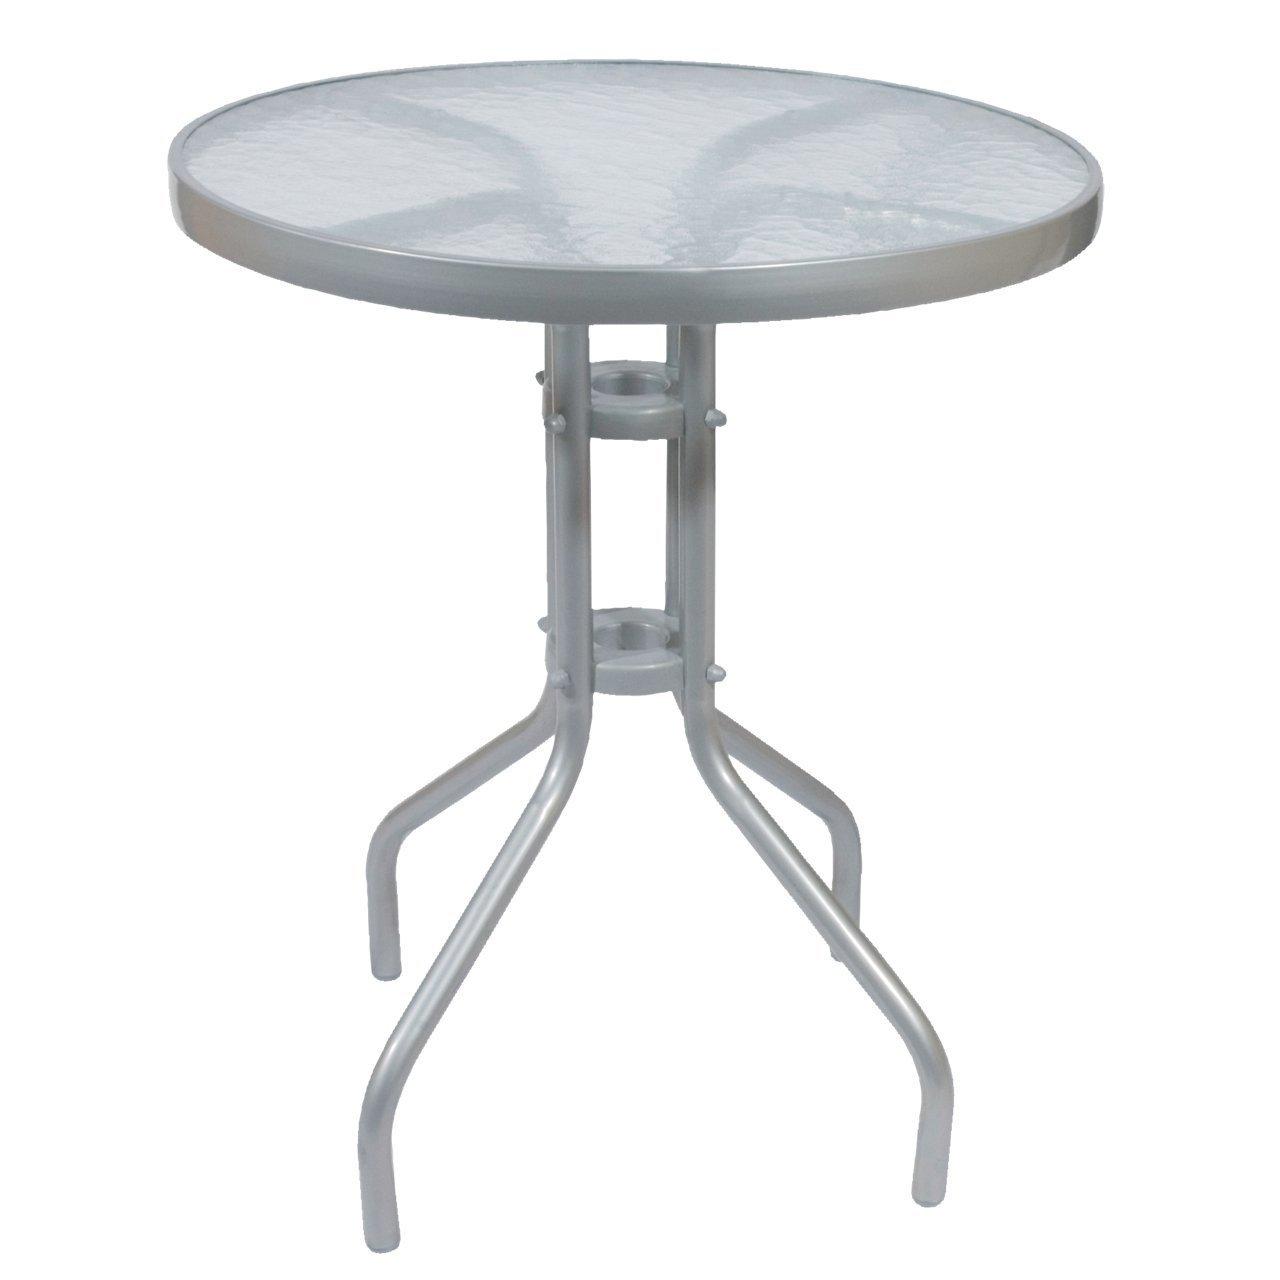 Bistrotisch Gartentisch Metall silbernes Metall-Gestell mit Glasplatte Ø60x70cm